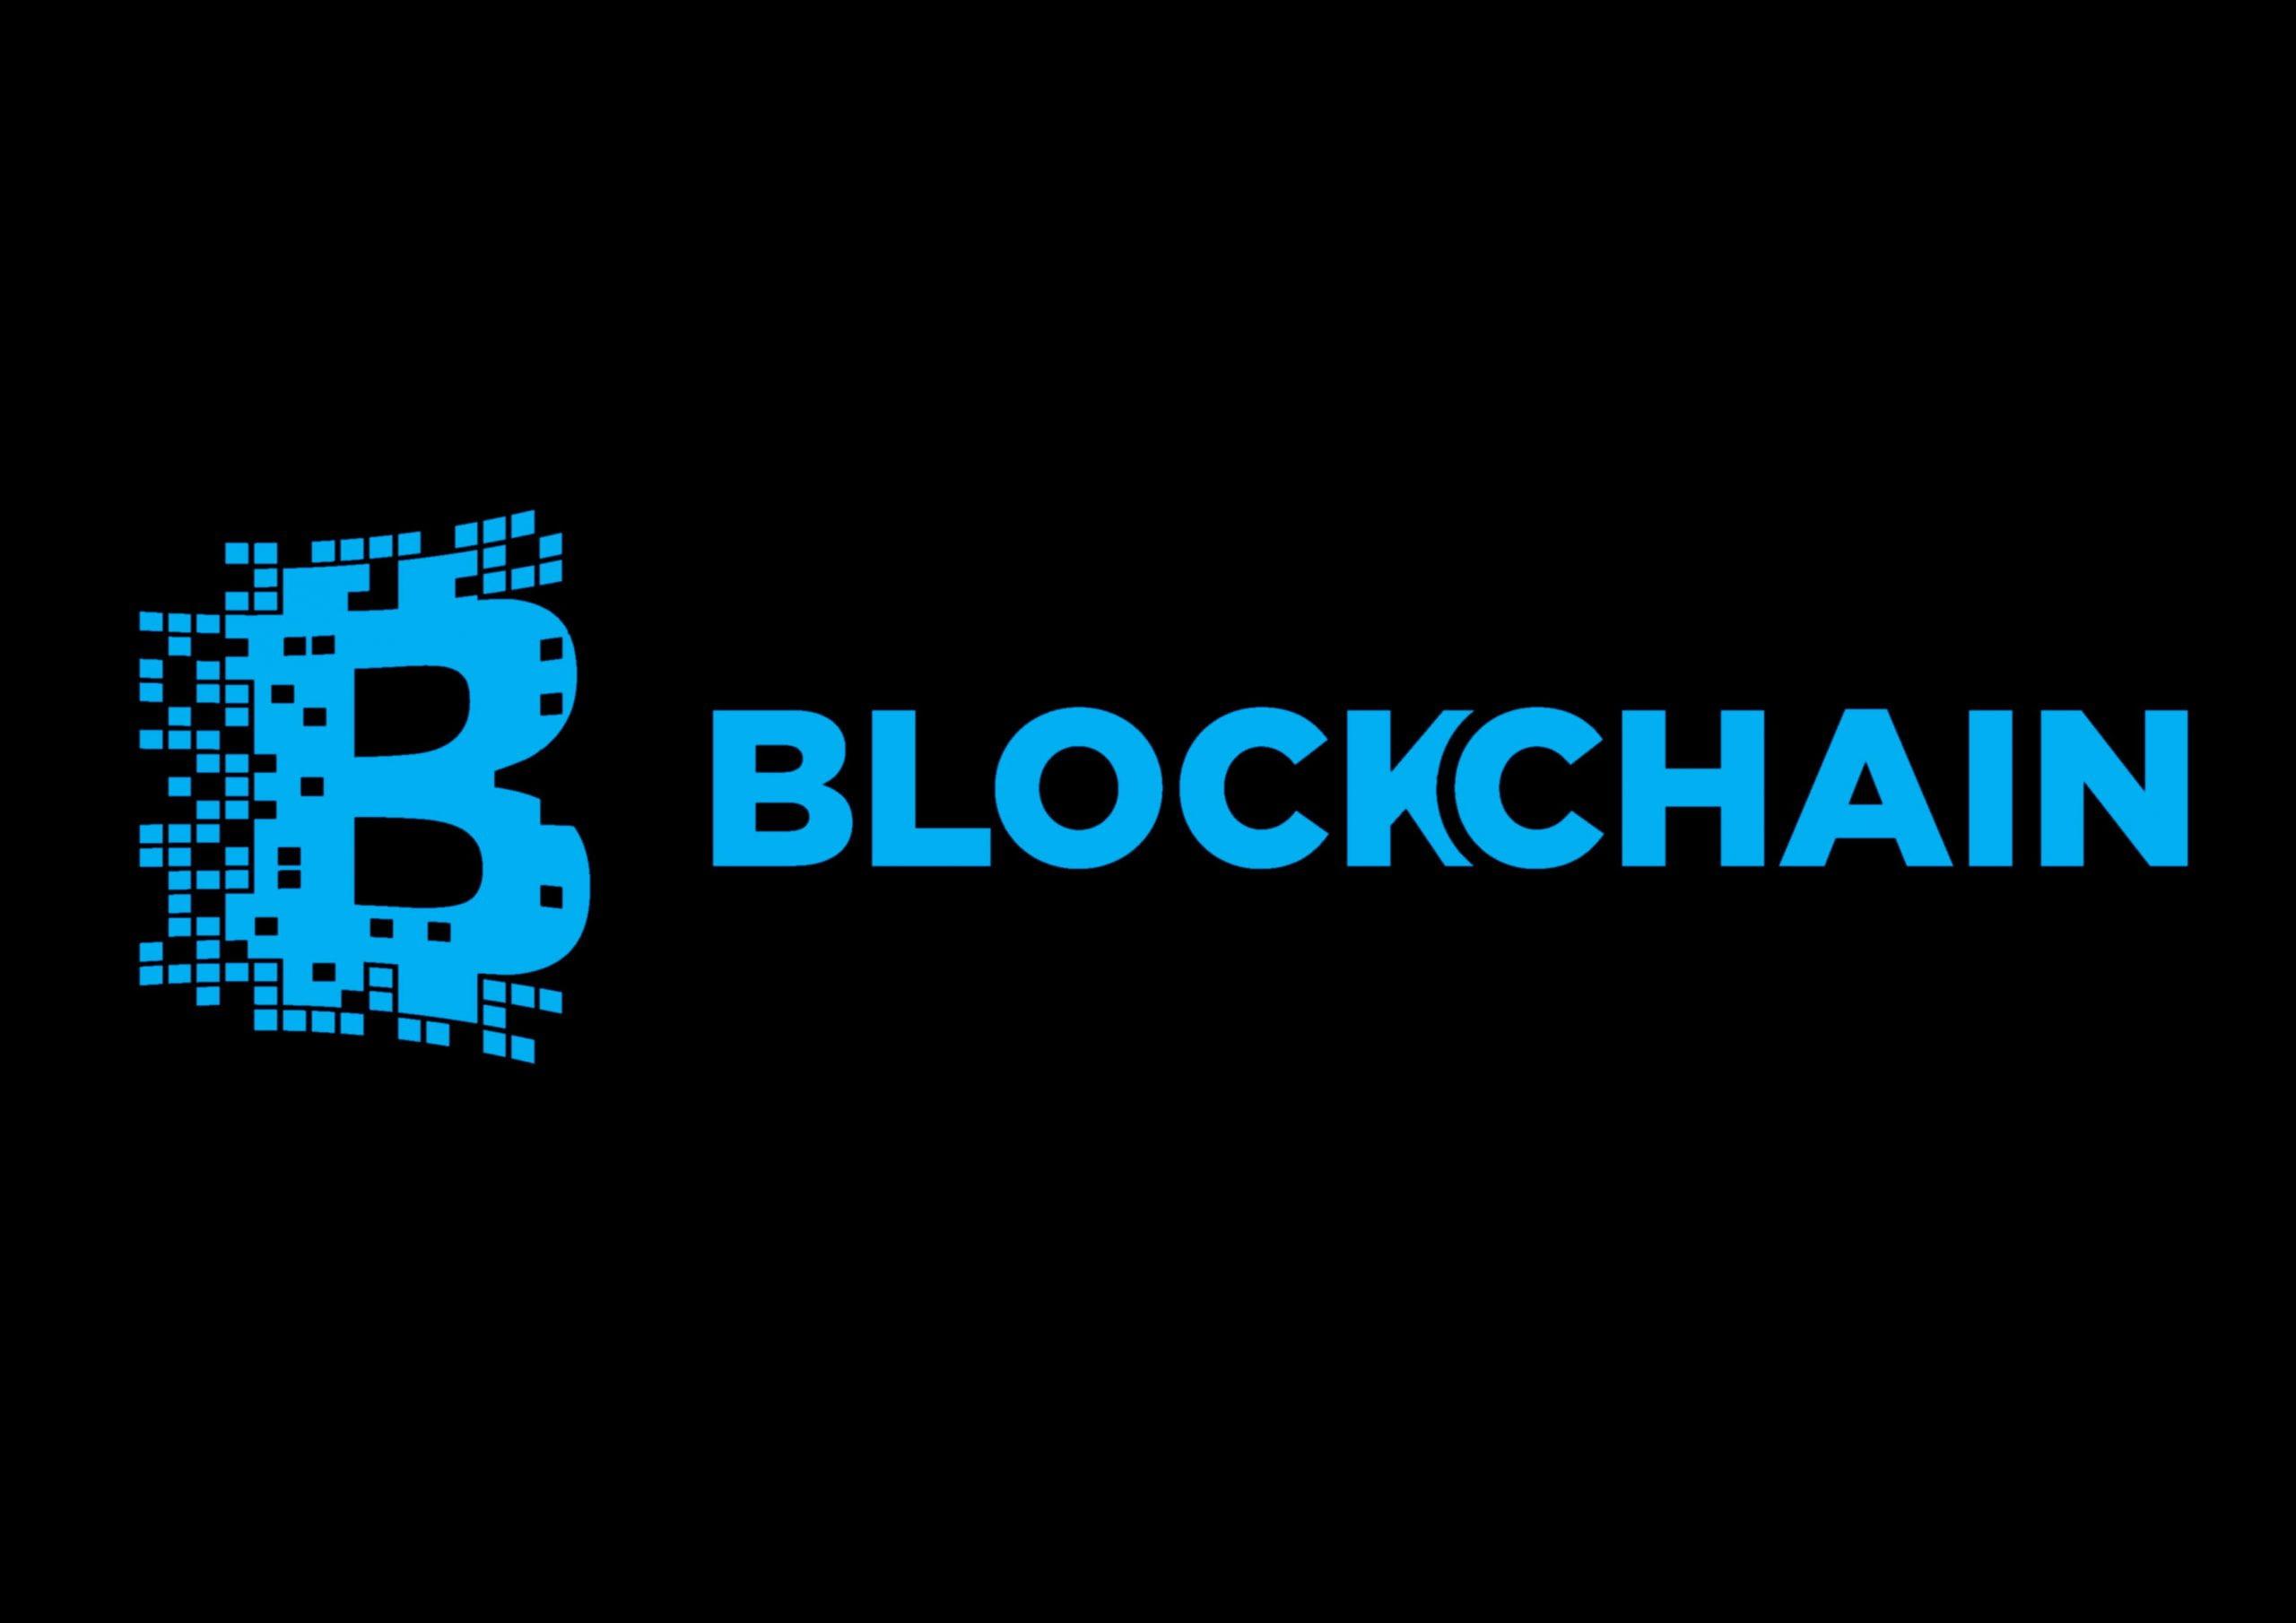 Blockchain Nasıl Çalışır? 2 - Blockchain Güvenli midir scaled